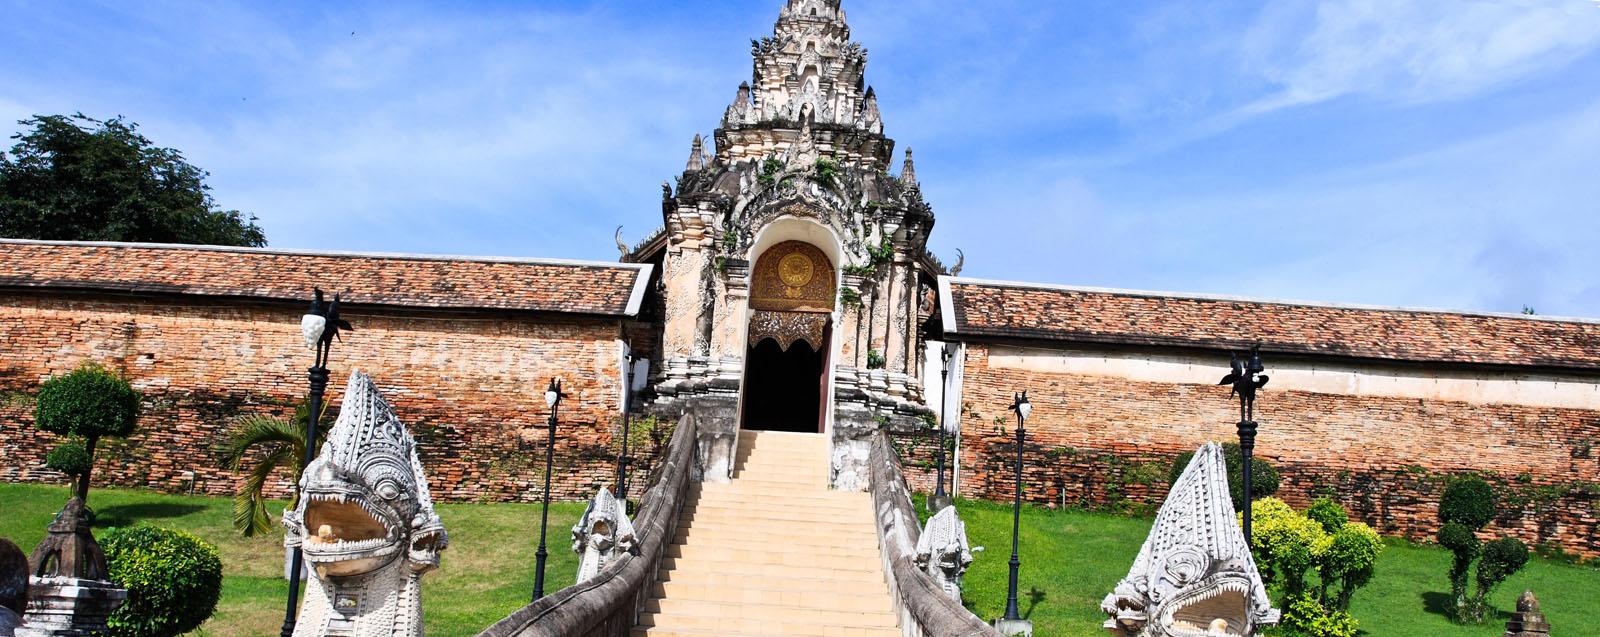 Wat Phra That Lampang Luang Храм